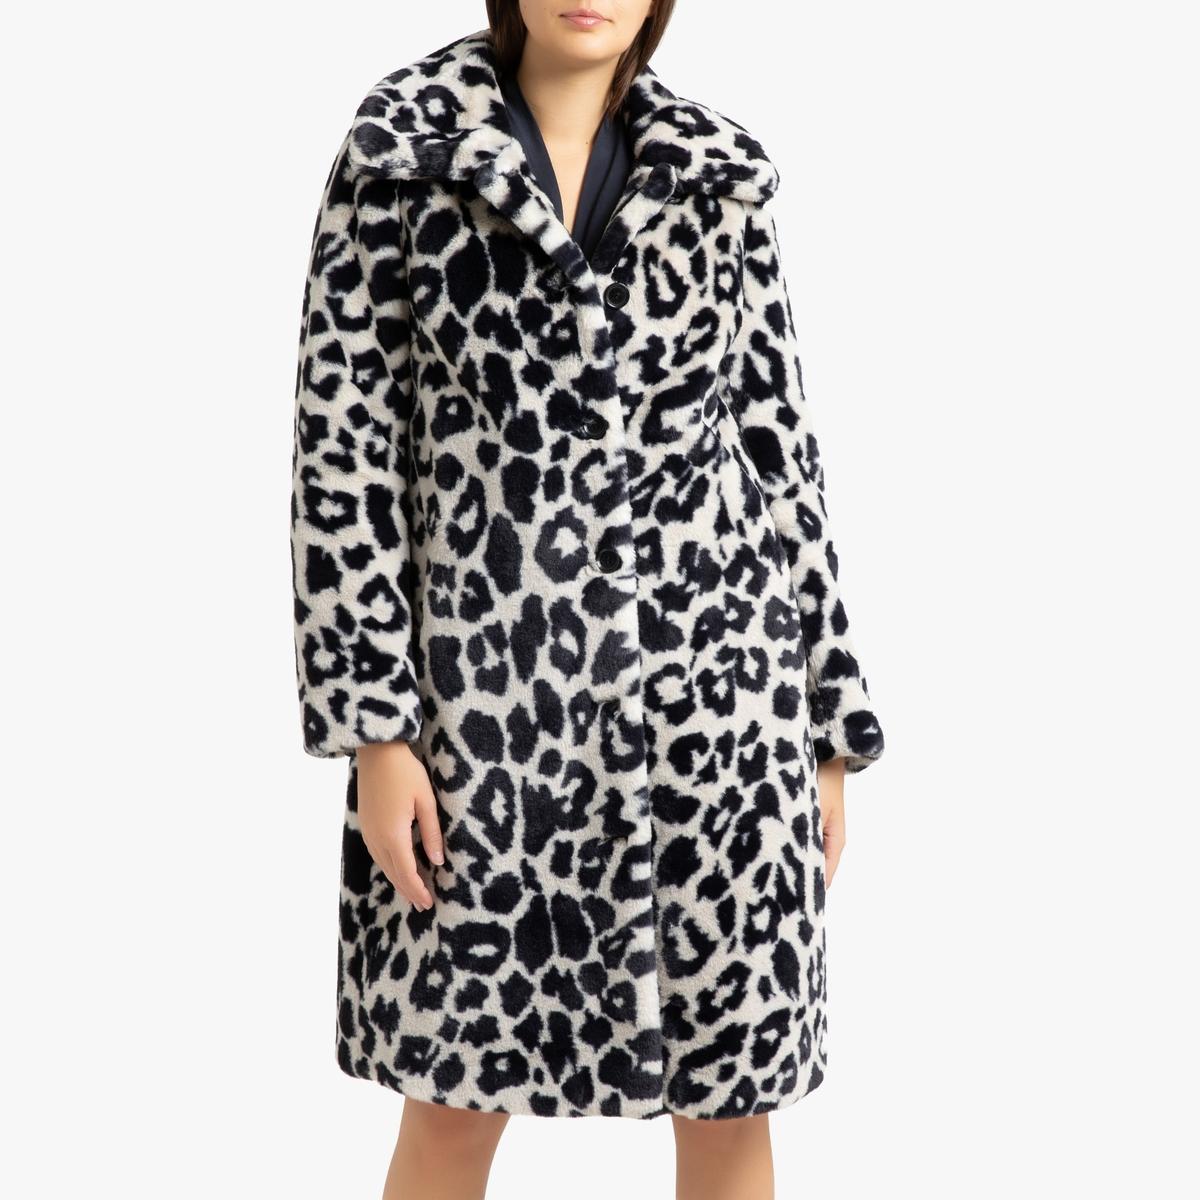 цена Пальто La Redoute Длинное с застежкой на пуговицы и рисунком PROGRAM S черный онлайн в 2017 году